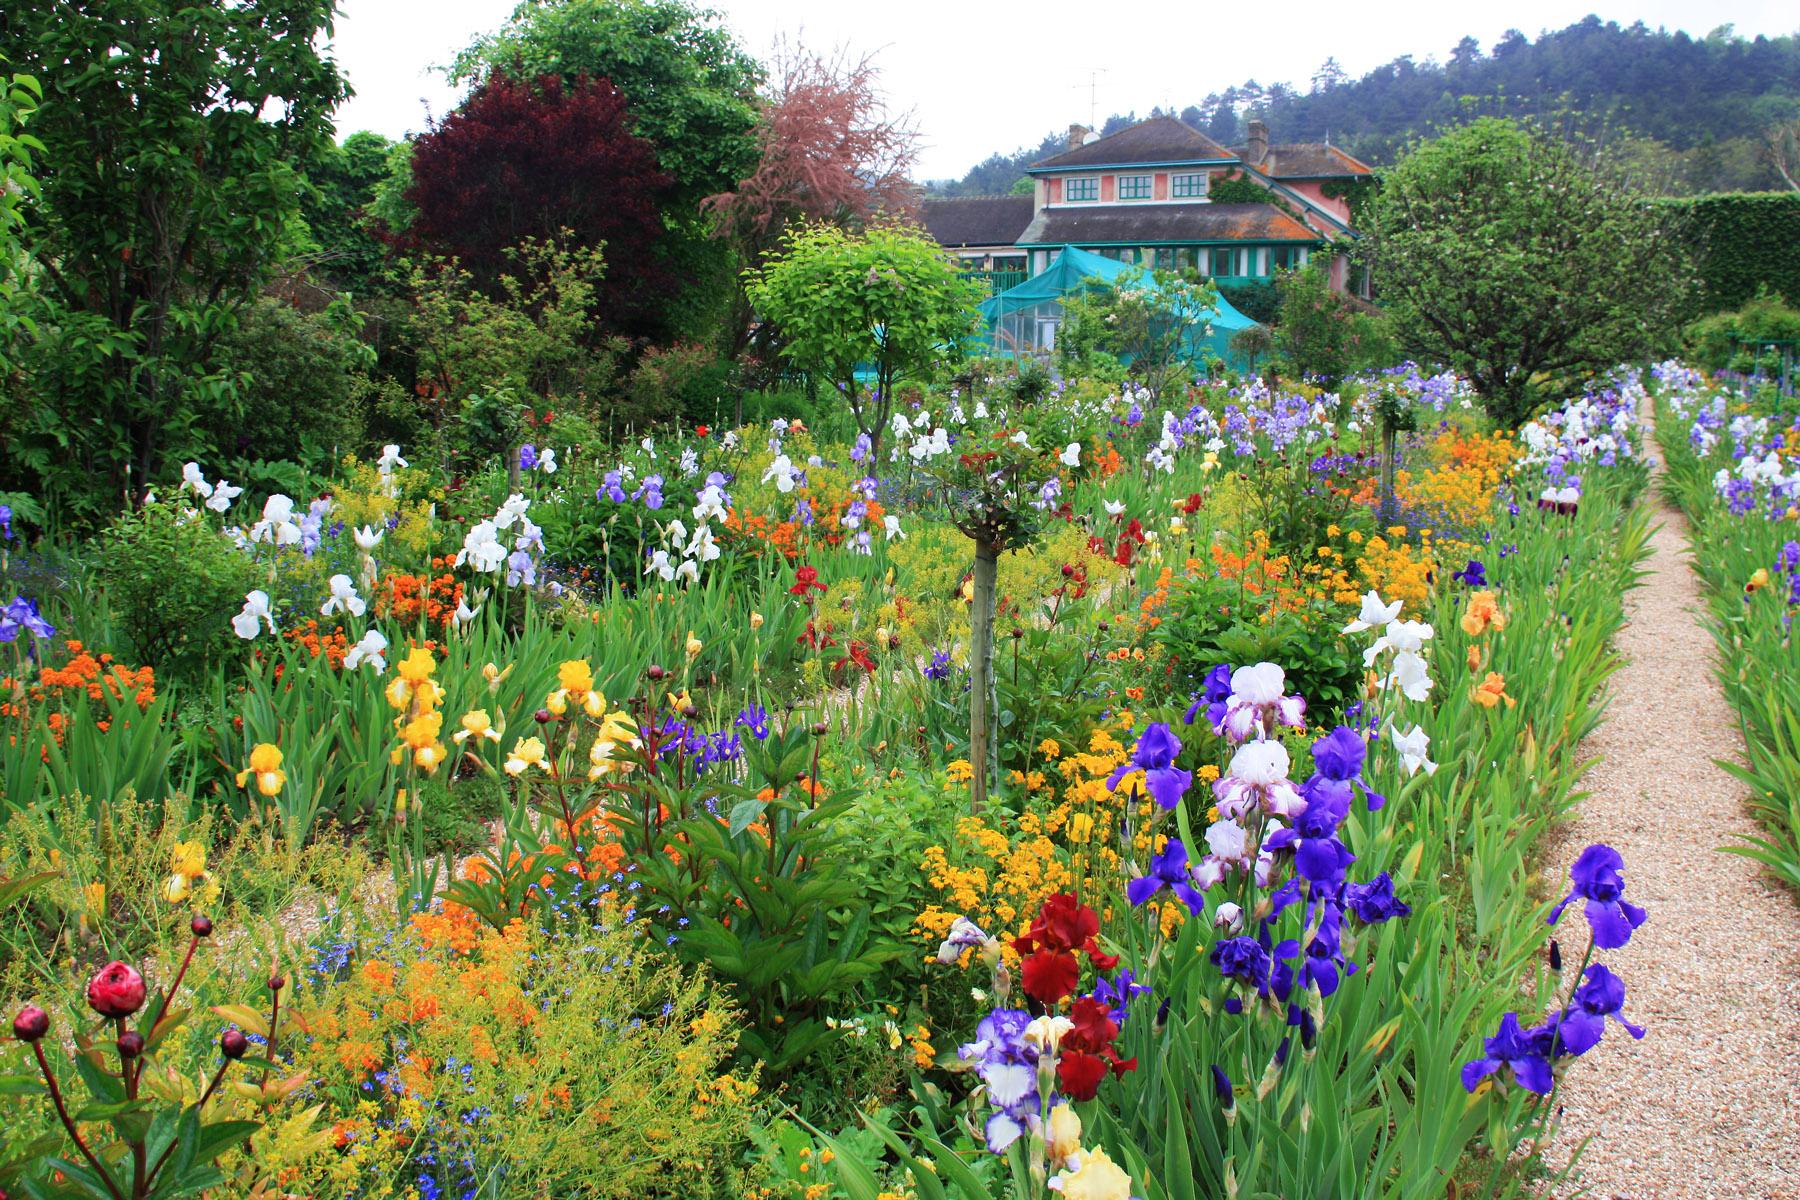 Une promenade dans les jardins de giverny for Le jardin aux epilobes